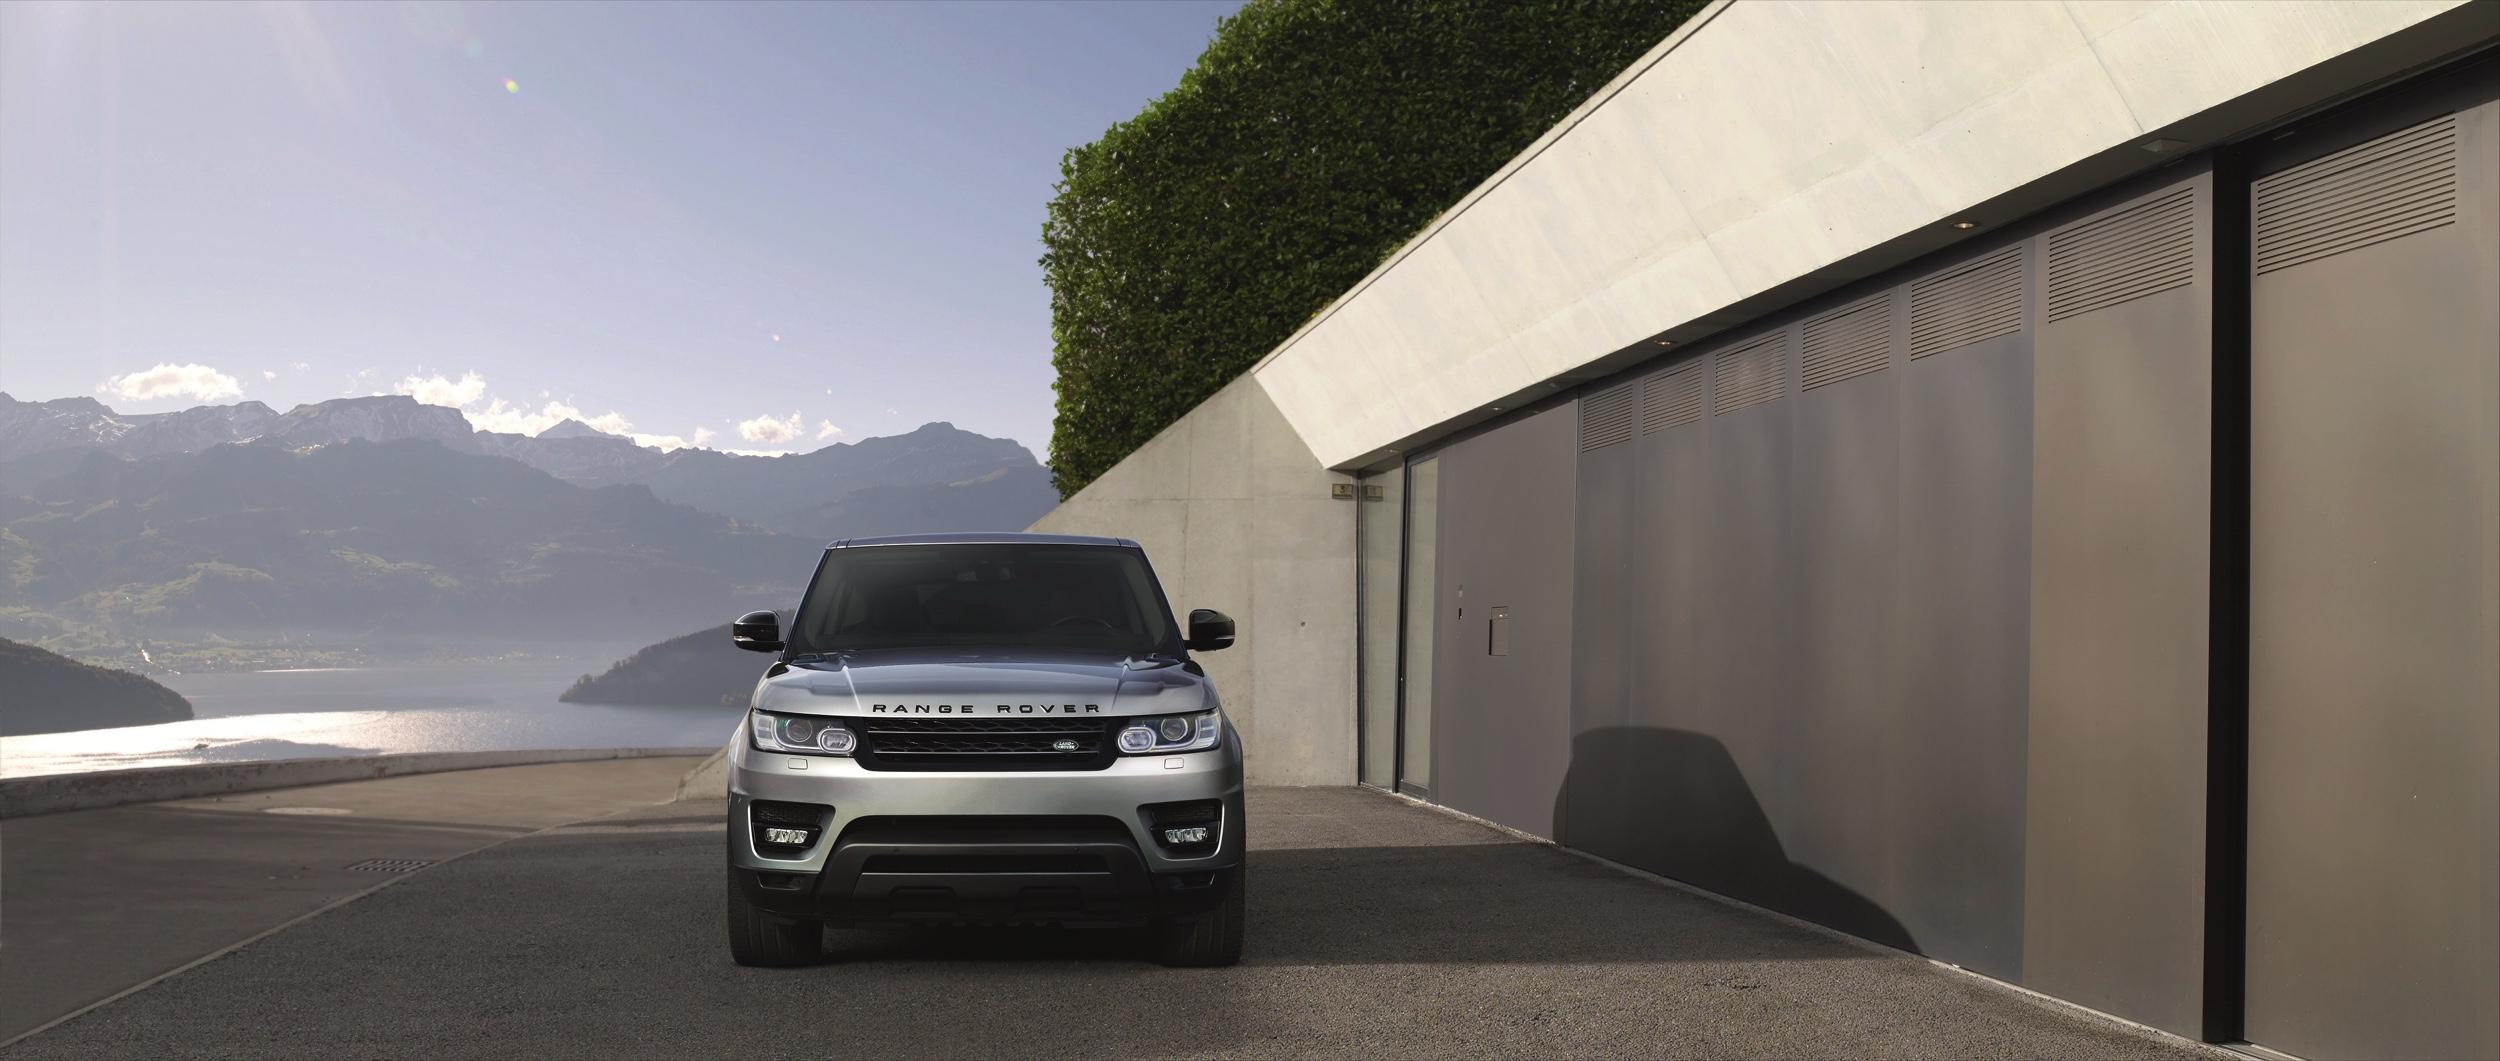 Range Rover Sport 2017-4- Autovisie.nl